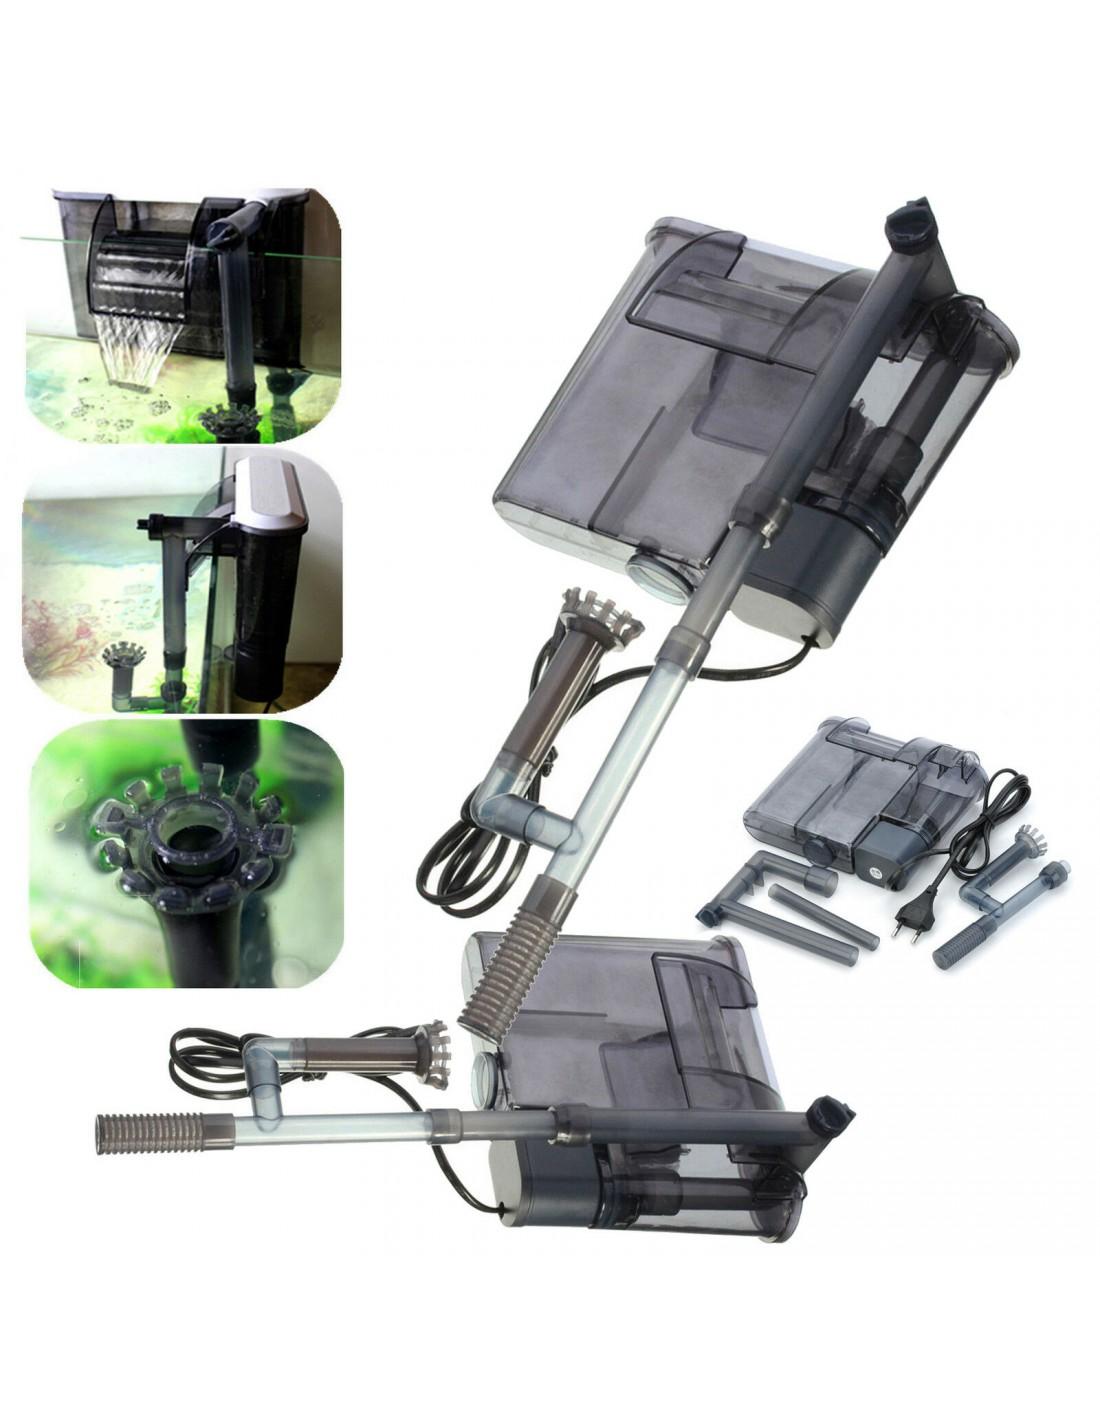 Lampada lente di ingrandimento da tavolo con 10 led portatile 120 mm a 28mm topolenashop s r l - Lente ingrandimento da tavolo ...